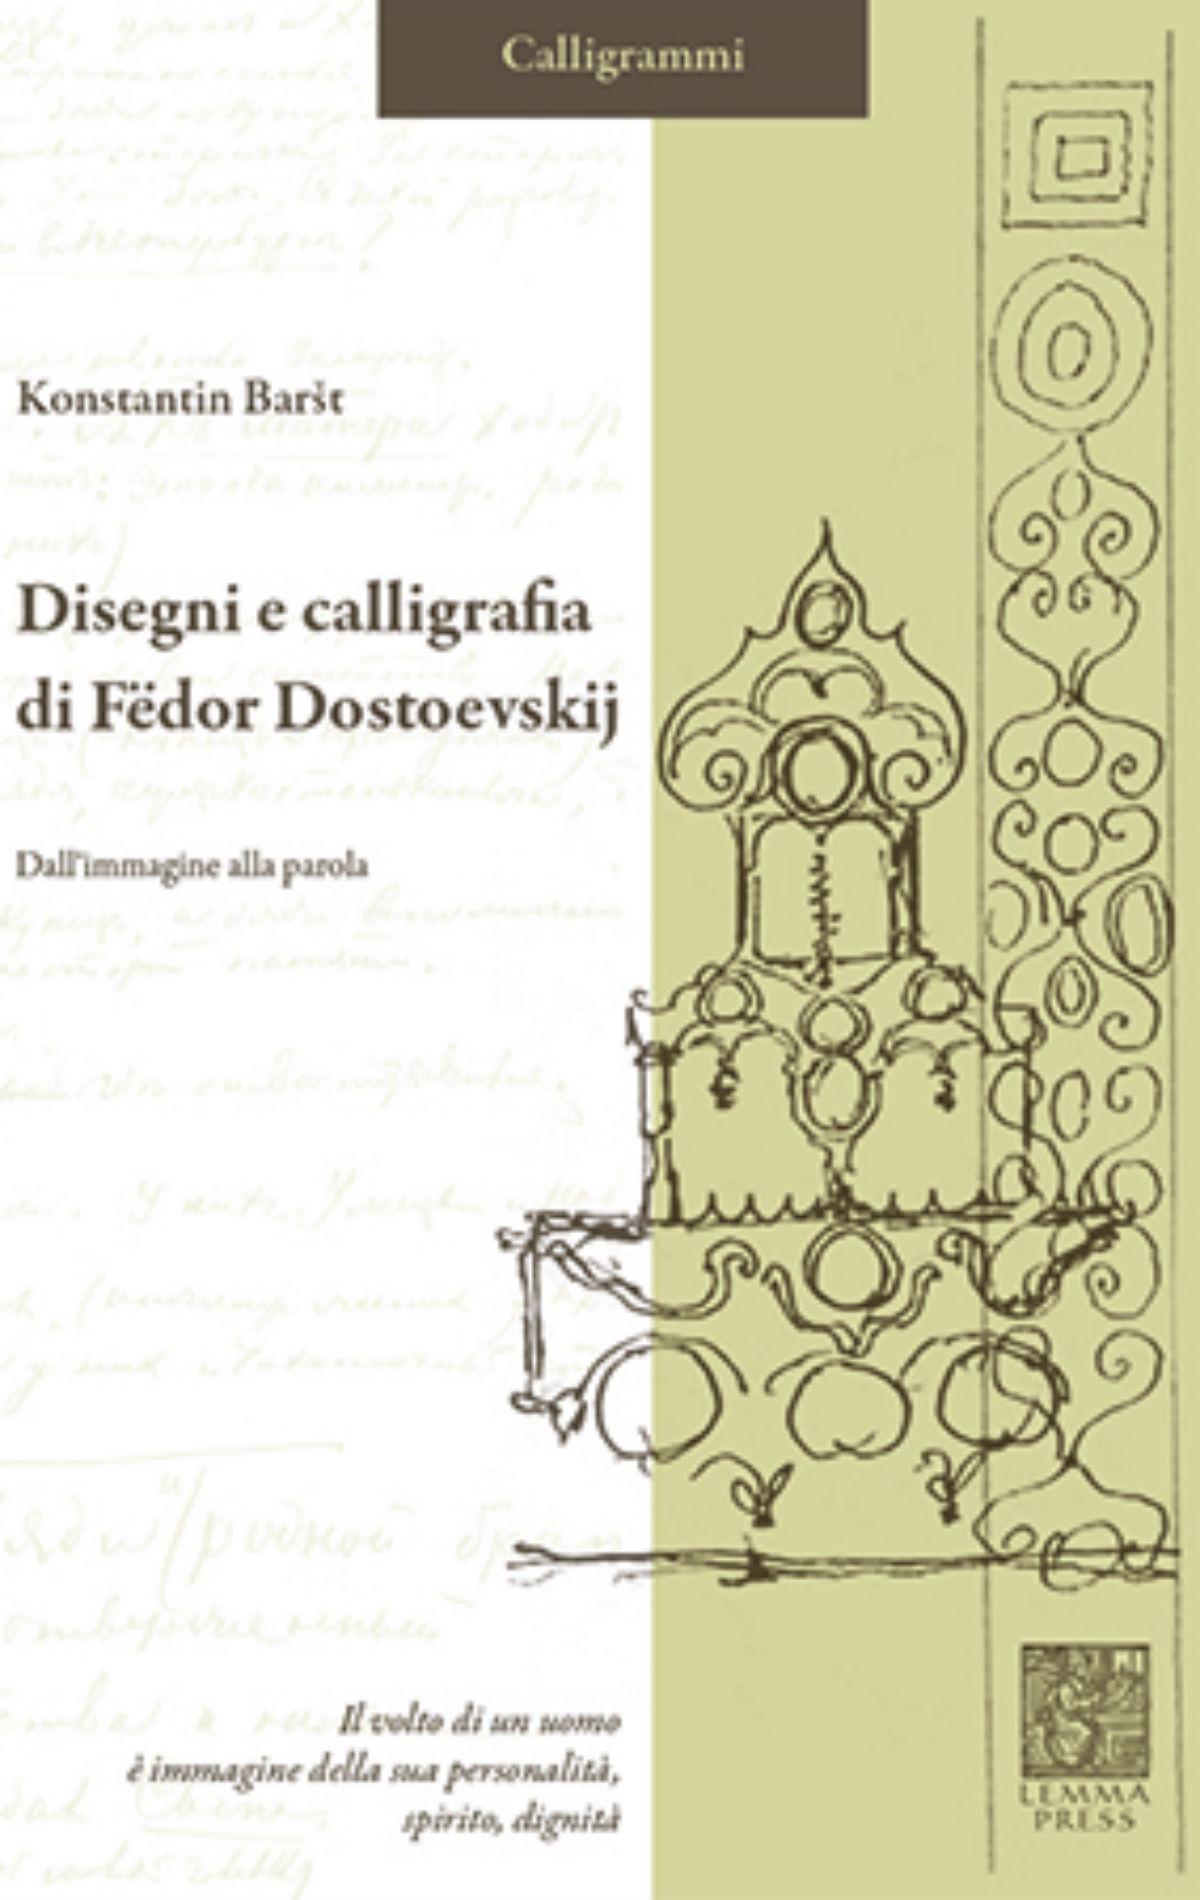 La copertina del libro\n